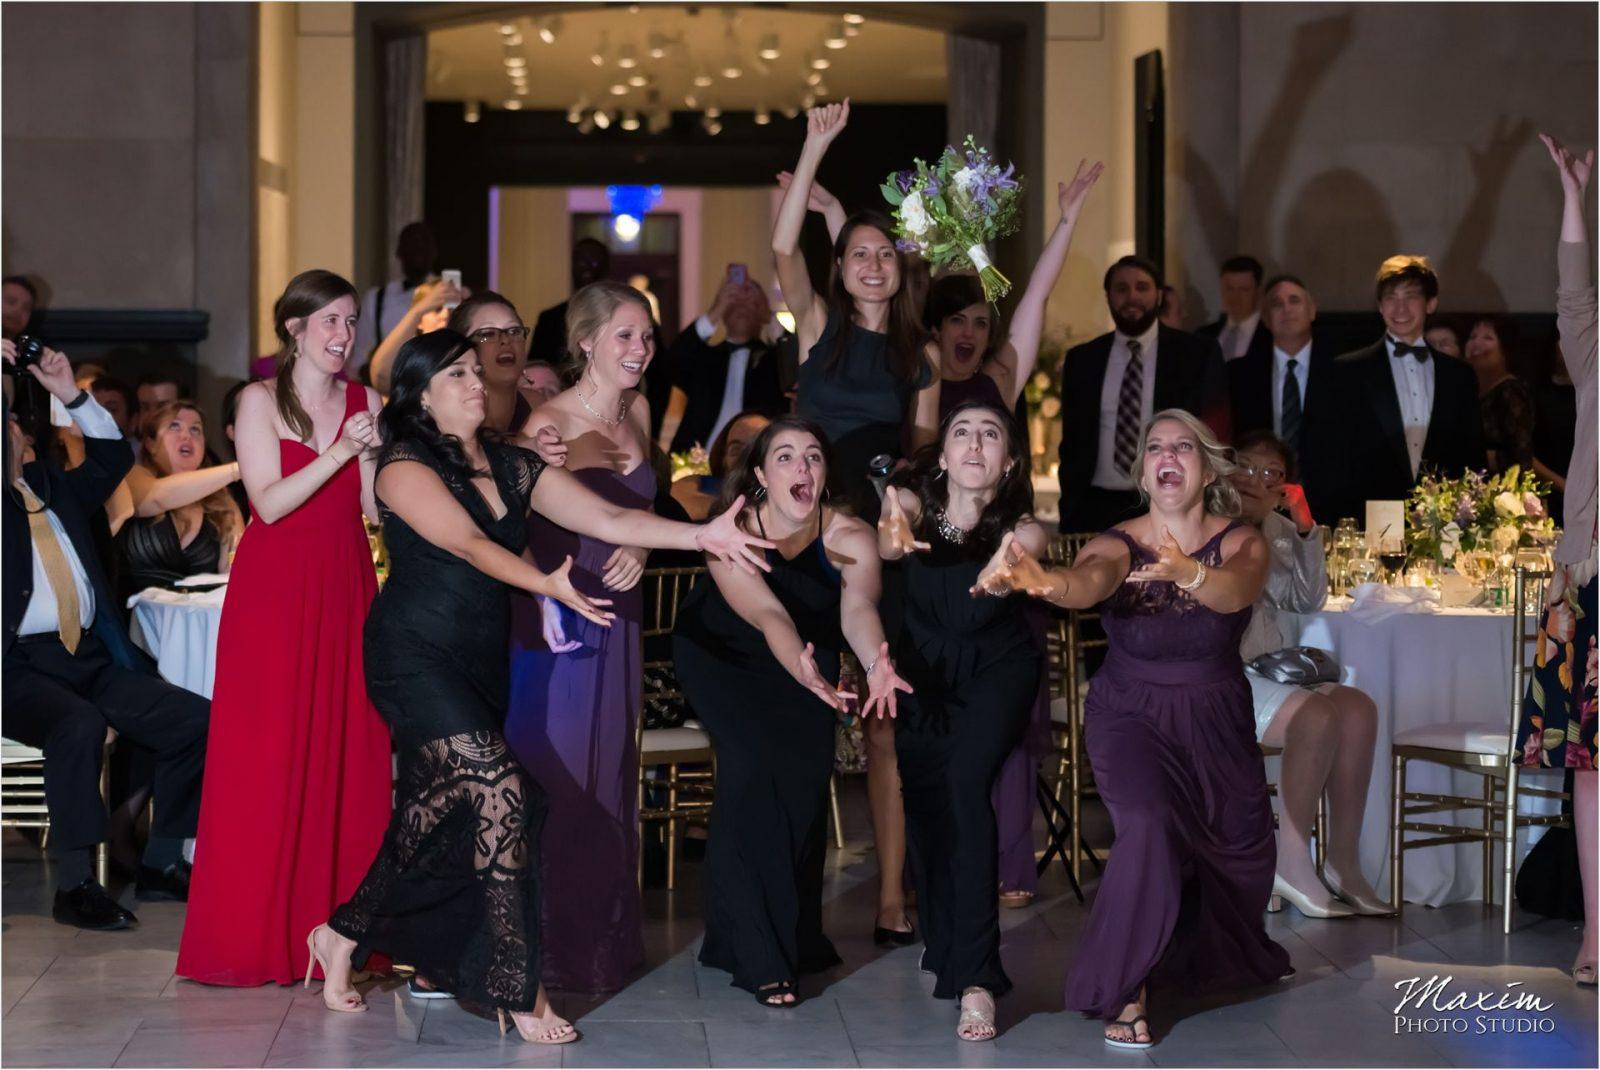 Cincinnati Wedding Photographers Art Museum bouquet toss